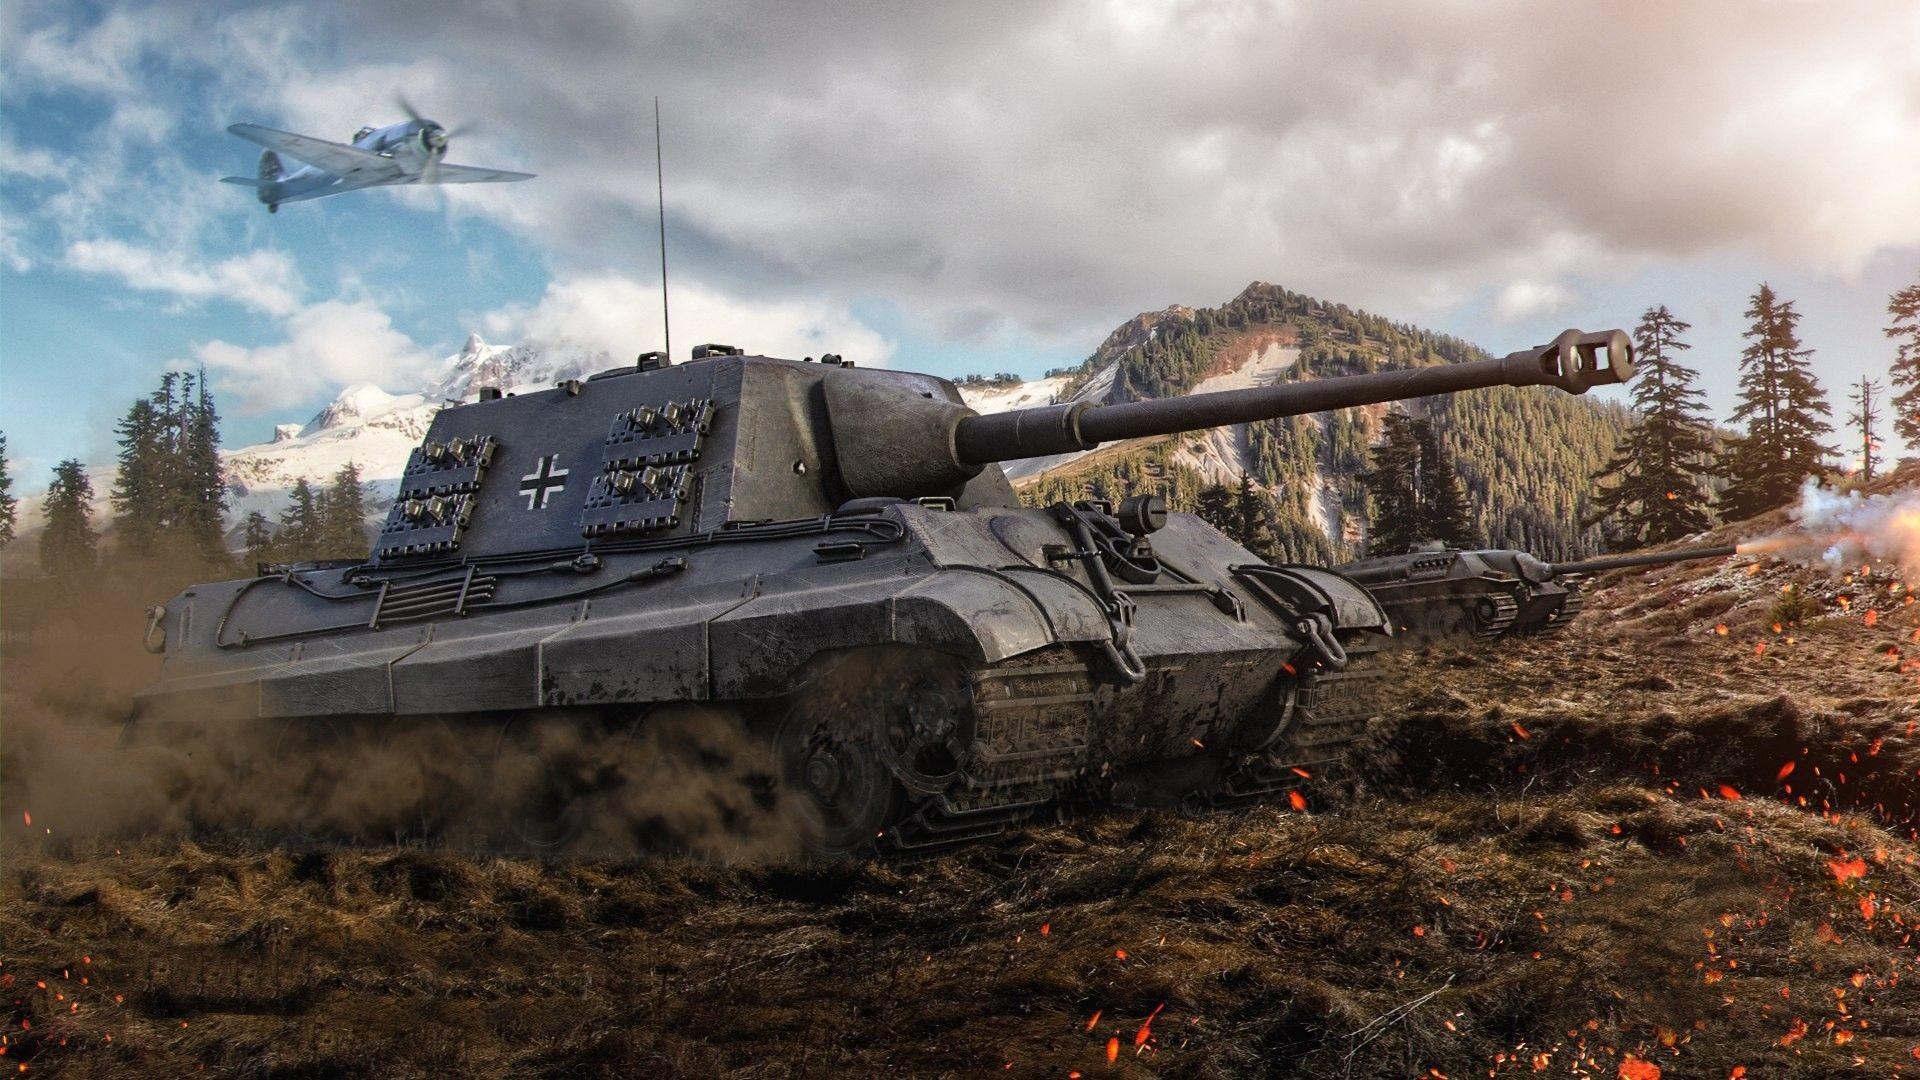 Res: 1920x1080, World of Tanks category - desktop wallpaper for World of Tanks